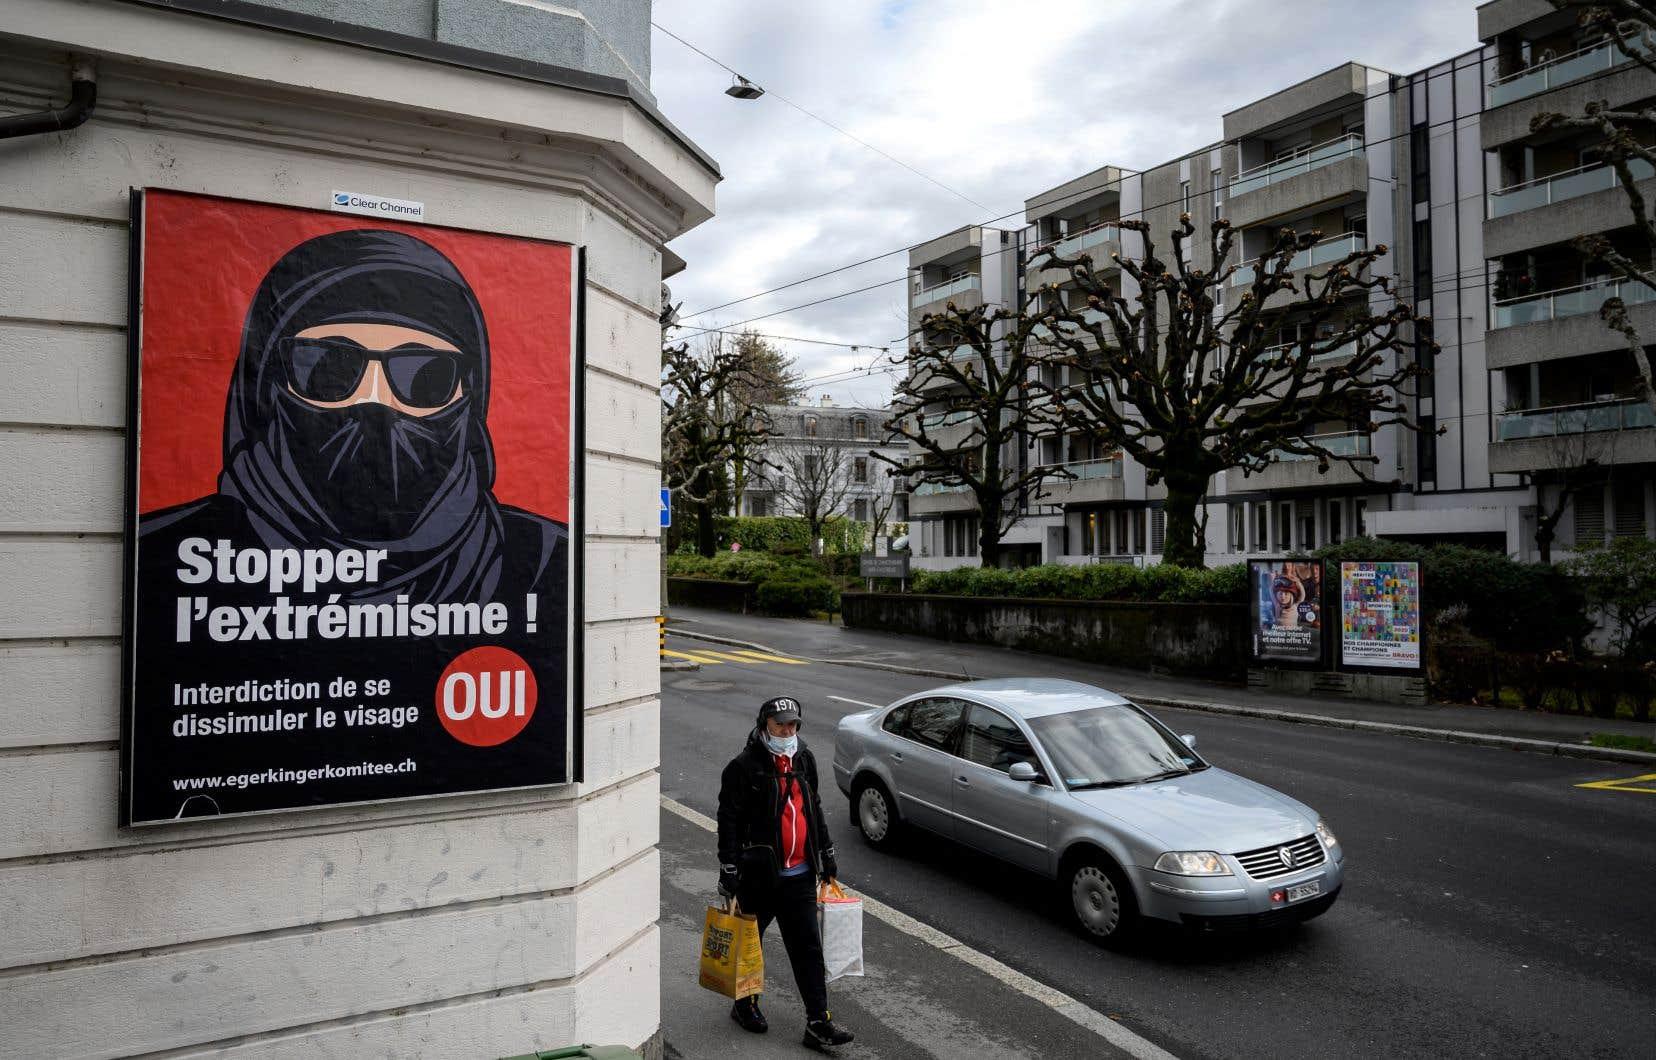 Le texte n'évoque ni la burqa, ni le niqab, mais les affiches de campagne ne laissaient pas de doute sur l'objet du référendum.